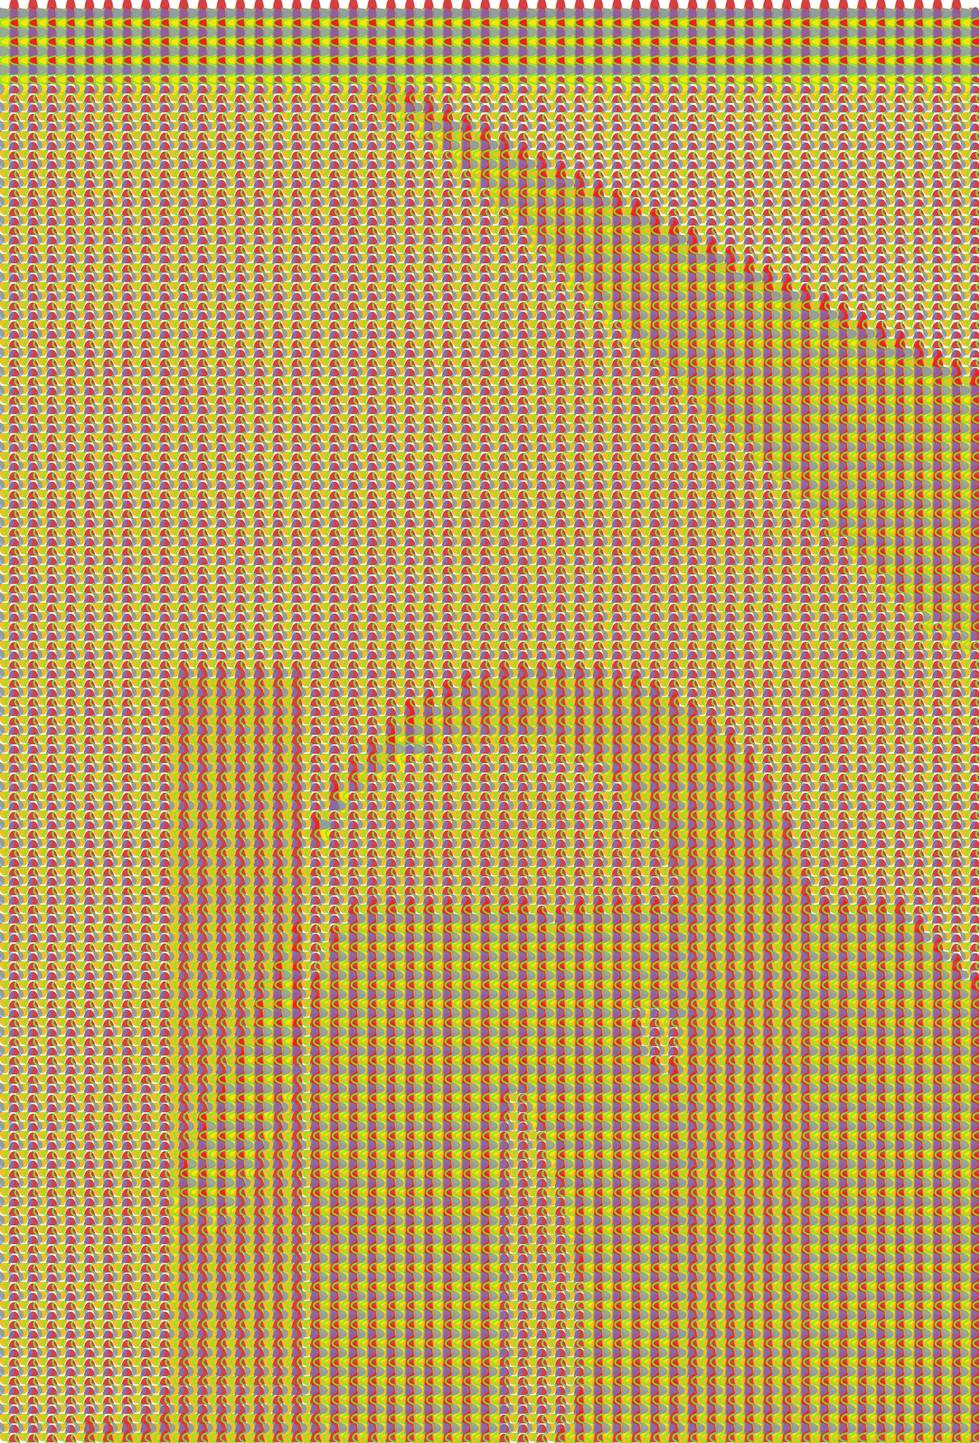 Letter_Bitmap